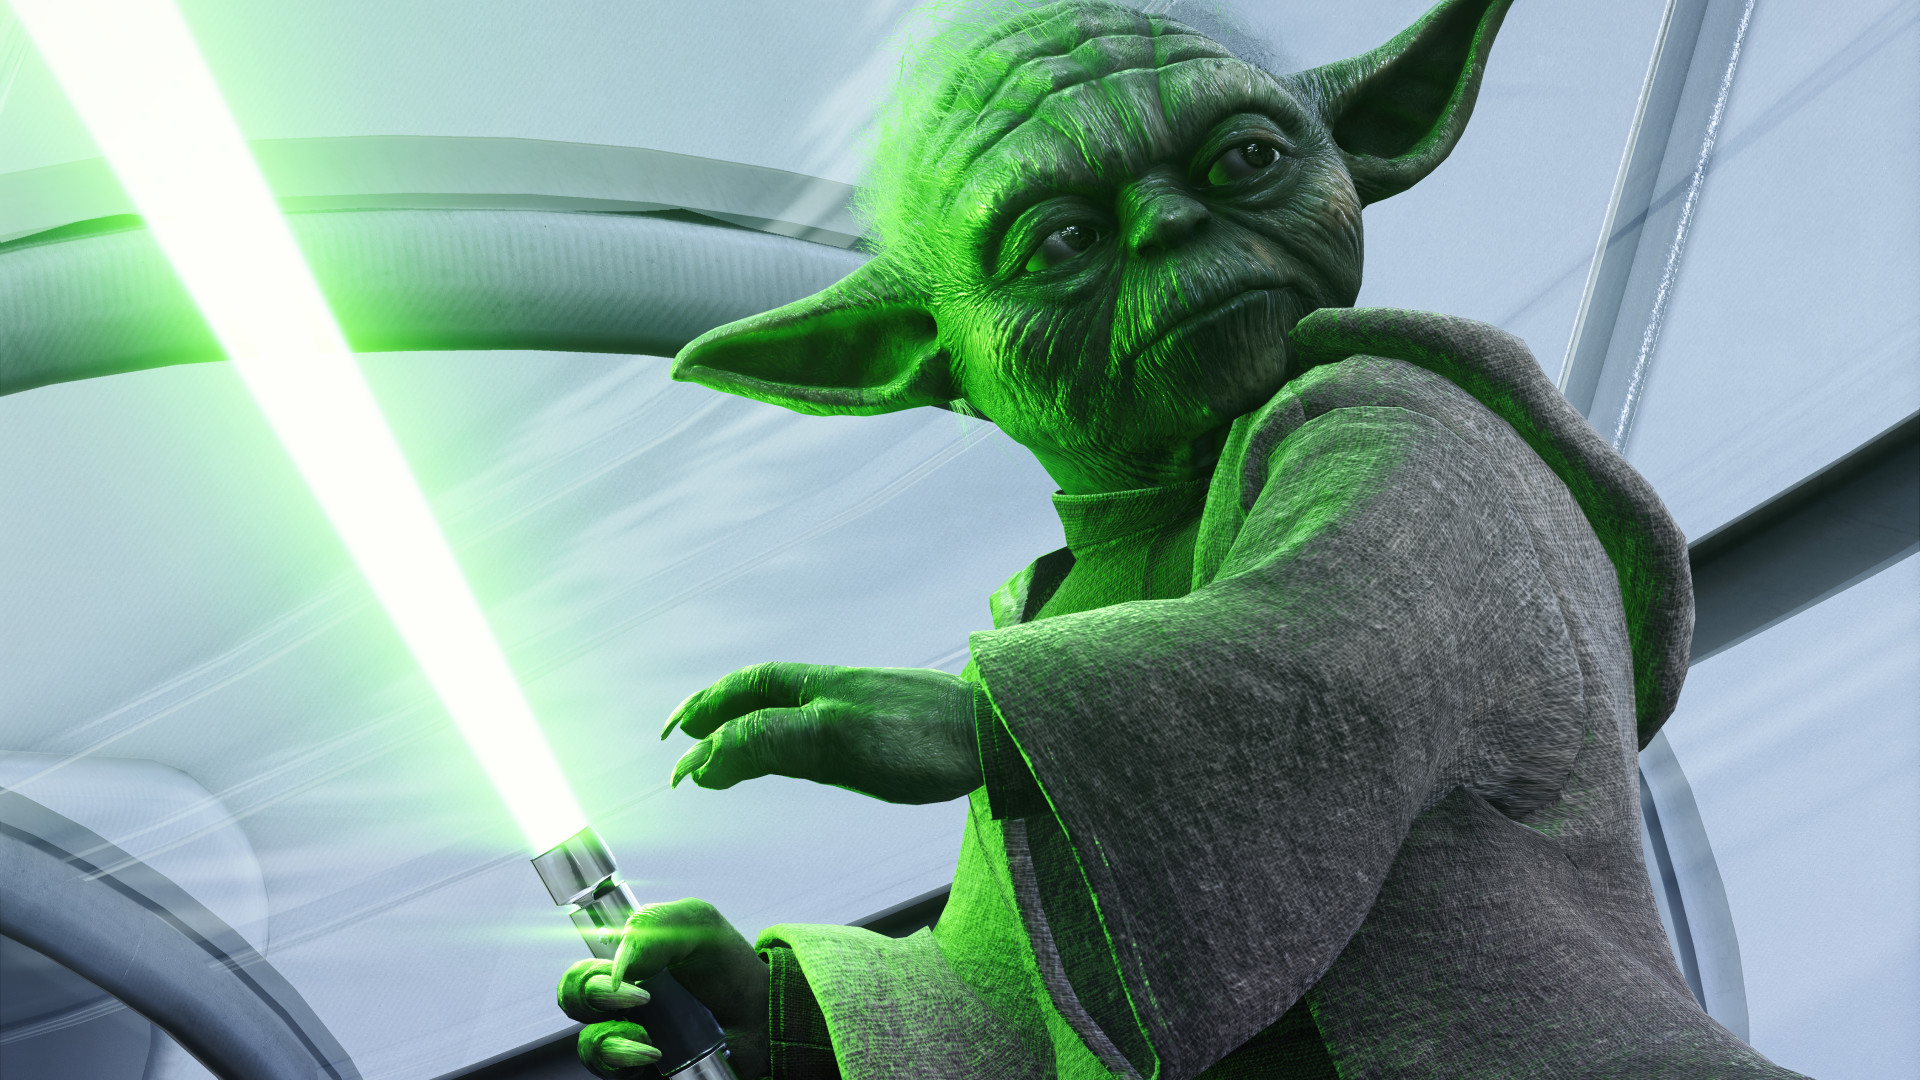 251 2510219 star wars yoda hd